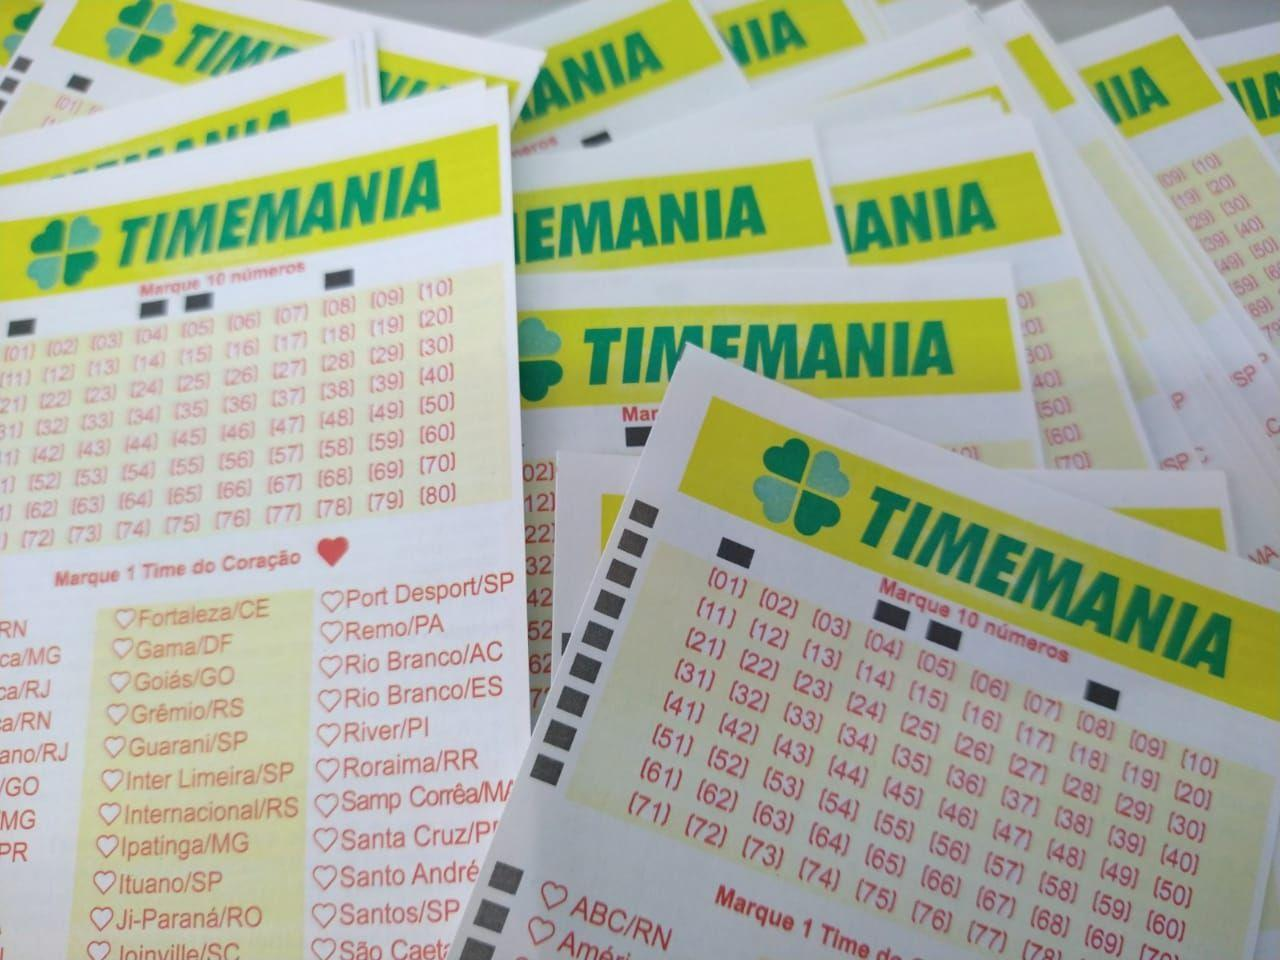 Timemania concurso 1523